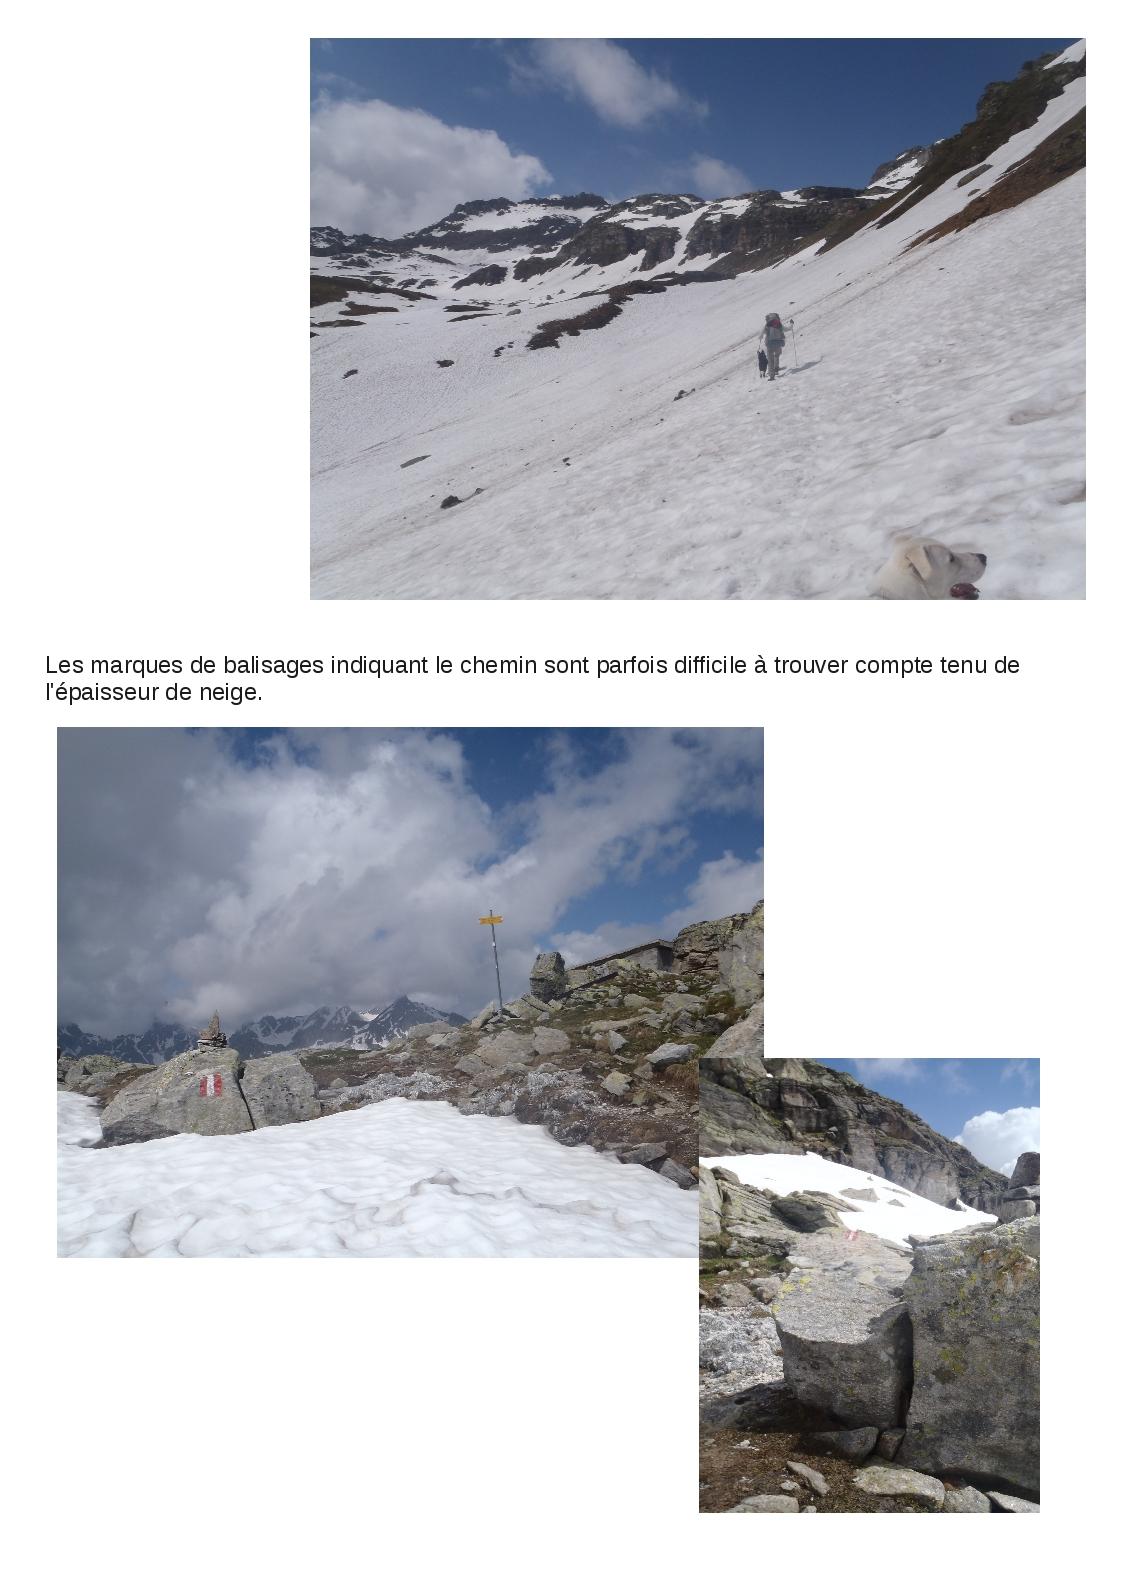 RANDOCABO sur la Via Alpina Carnet+de+bord+Via+Alpina+7